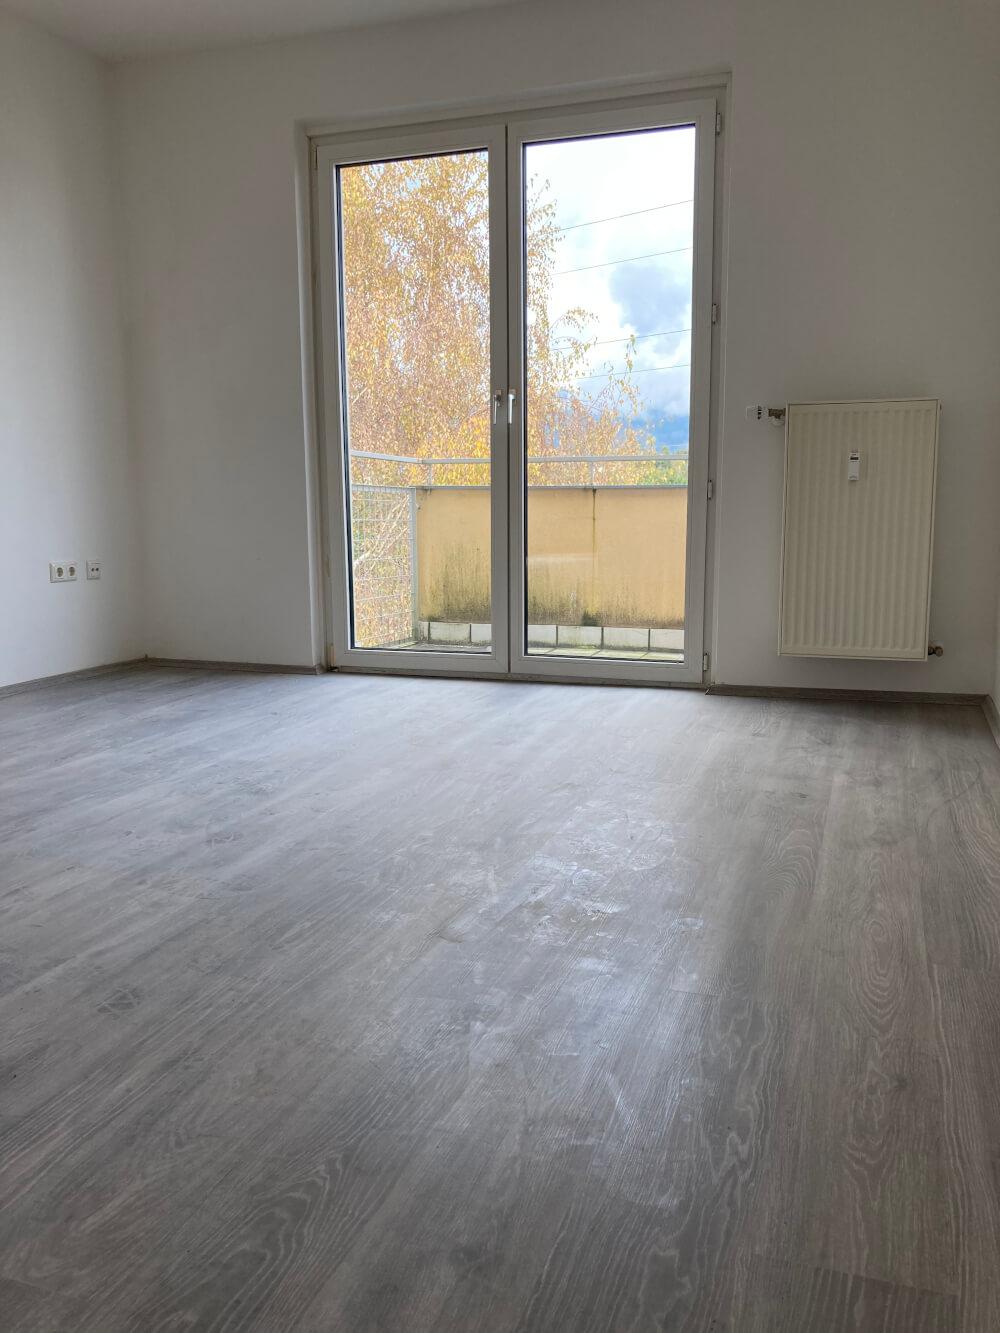 Immobilie von BWSG in Anton-Wildgans-Gasse 7/016, 8750 Judenburg #5